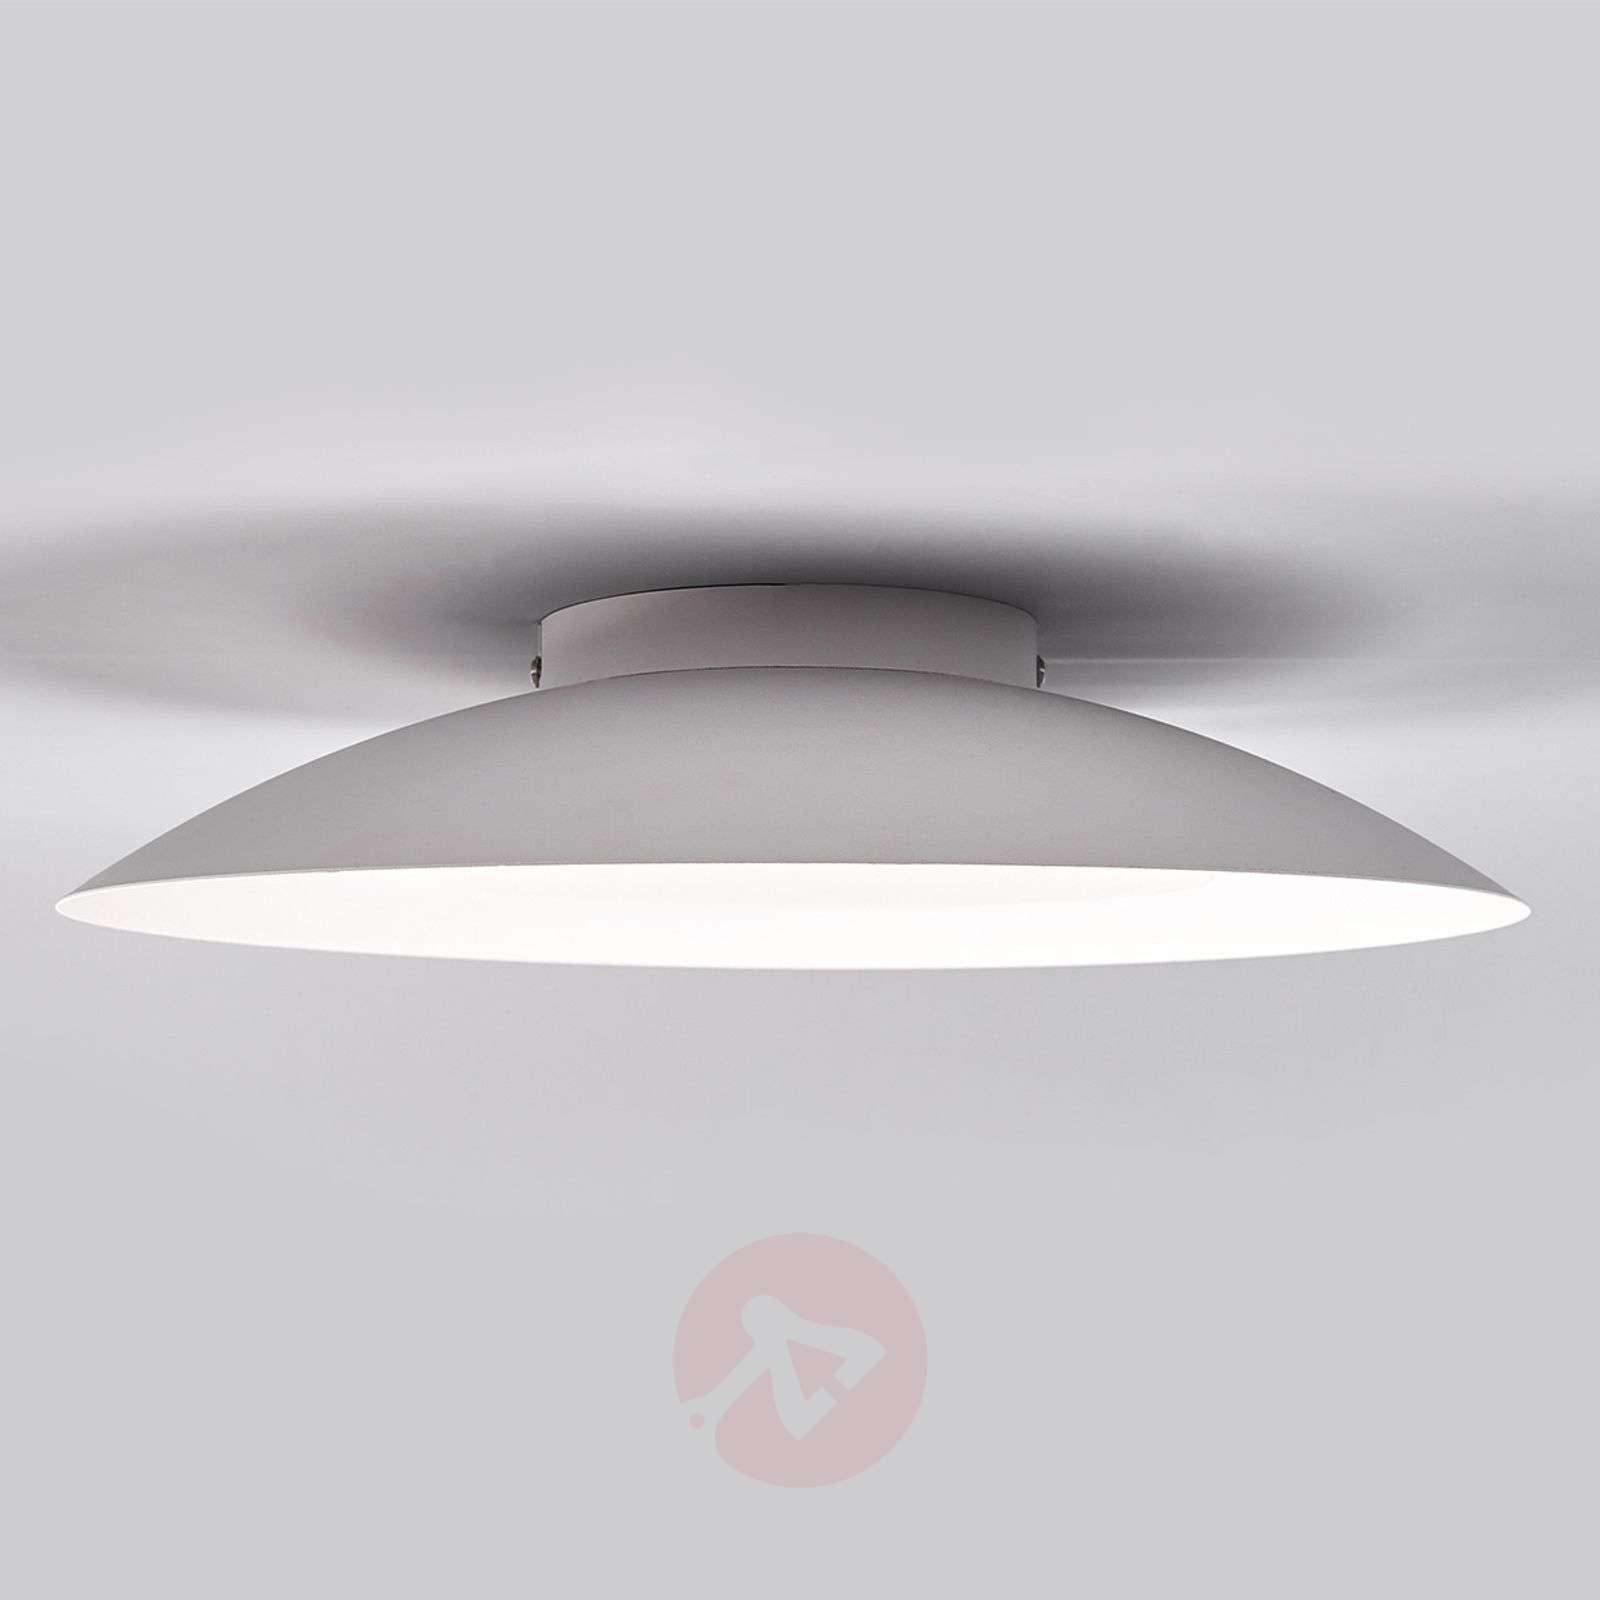 Valkoinen LED-kattovalaisin Keti, epäsuora valo-9625044-01